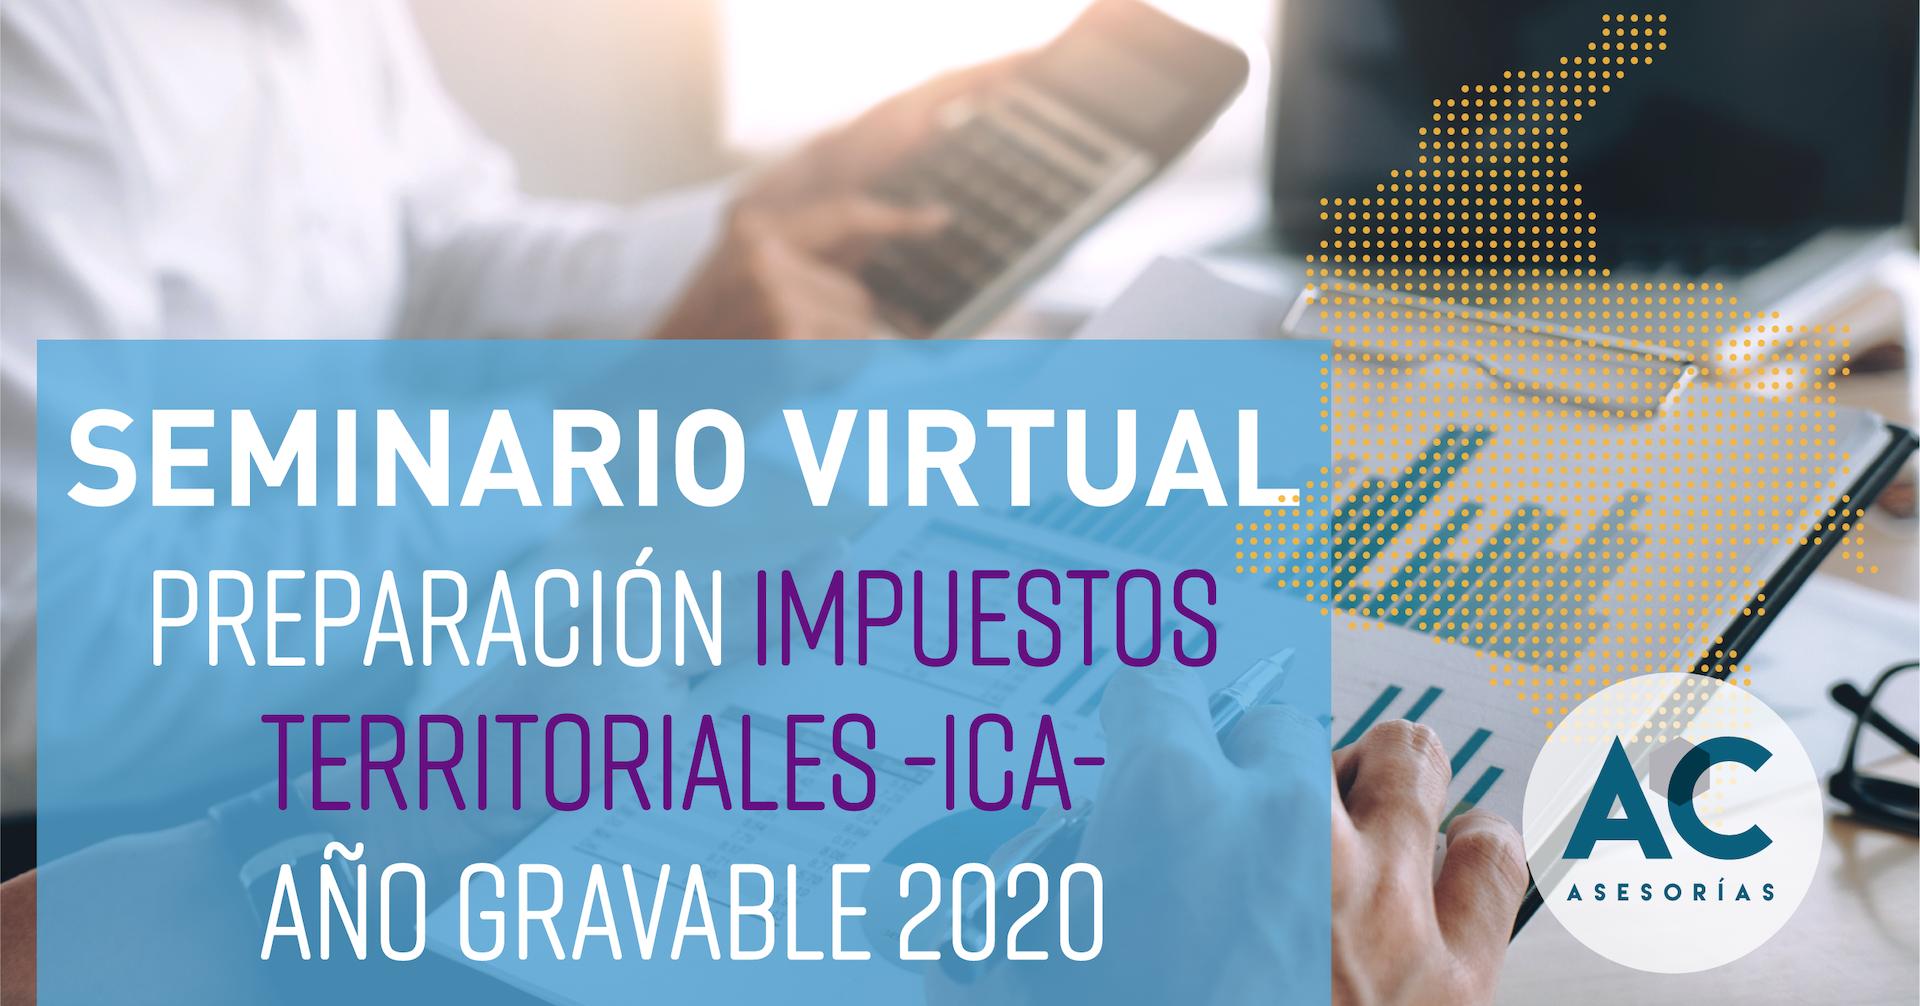 Seminario Preparación Impuestos Territoriales-ICA Año Gravable 2020